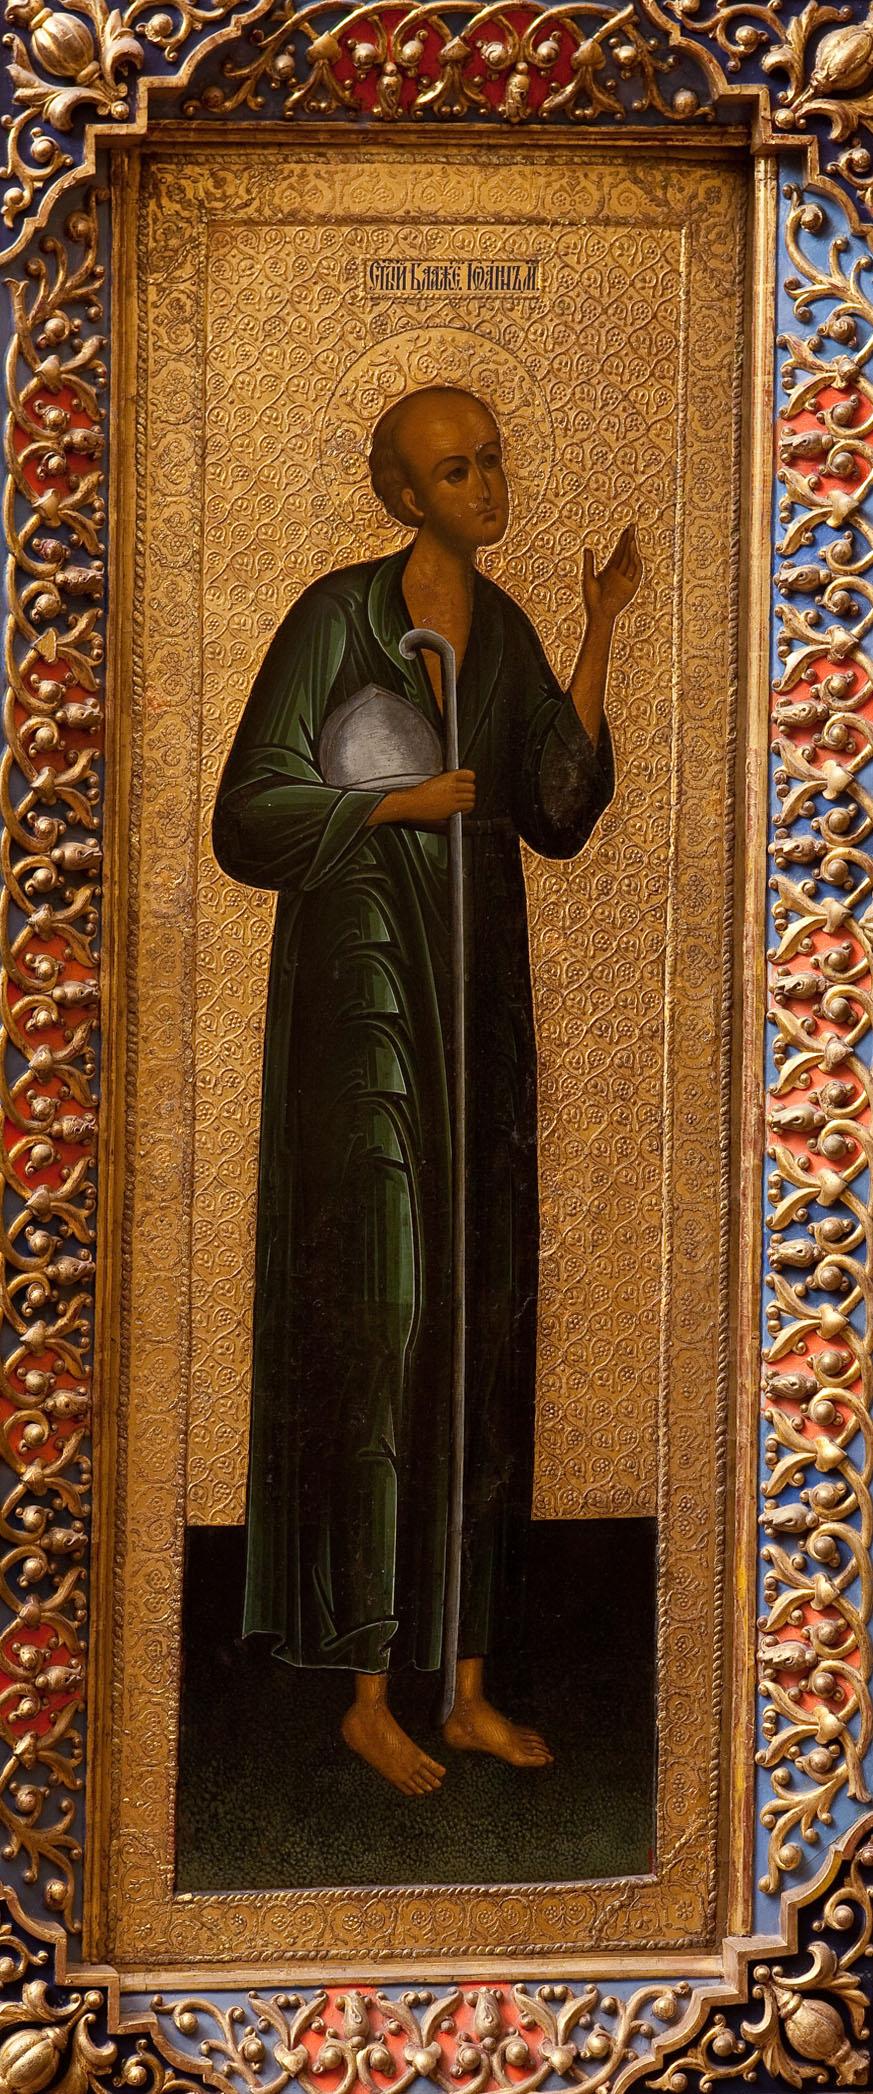 Святой Иоанн Блаженный. Икона из иконостаса церкви Василия Блаженного Покровского собора. Конец XIX в